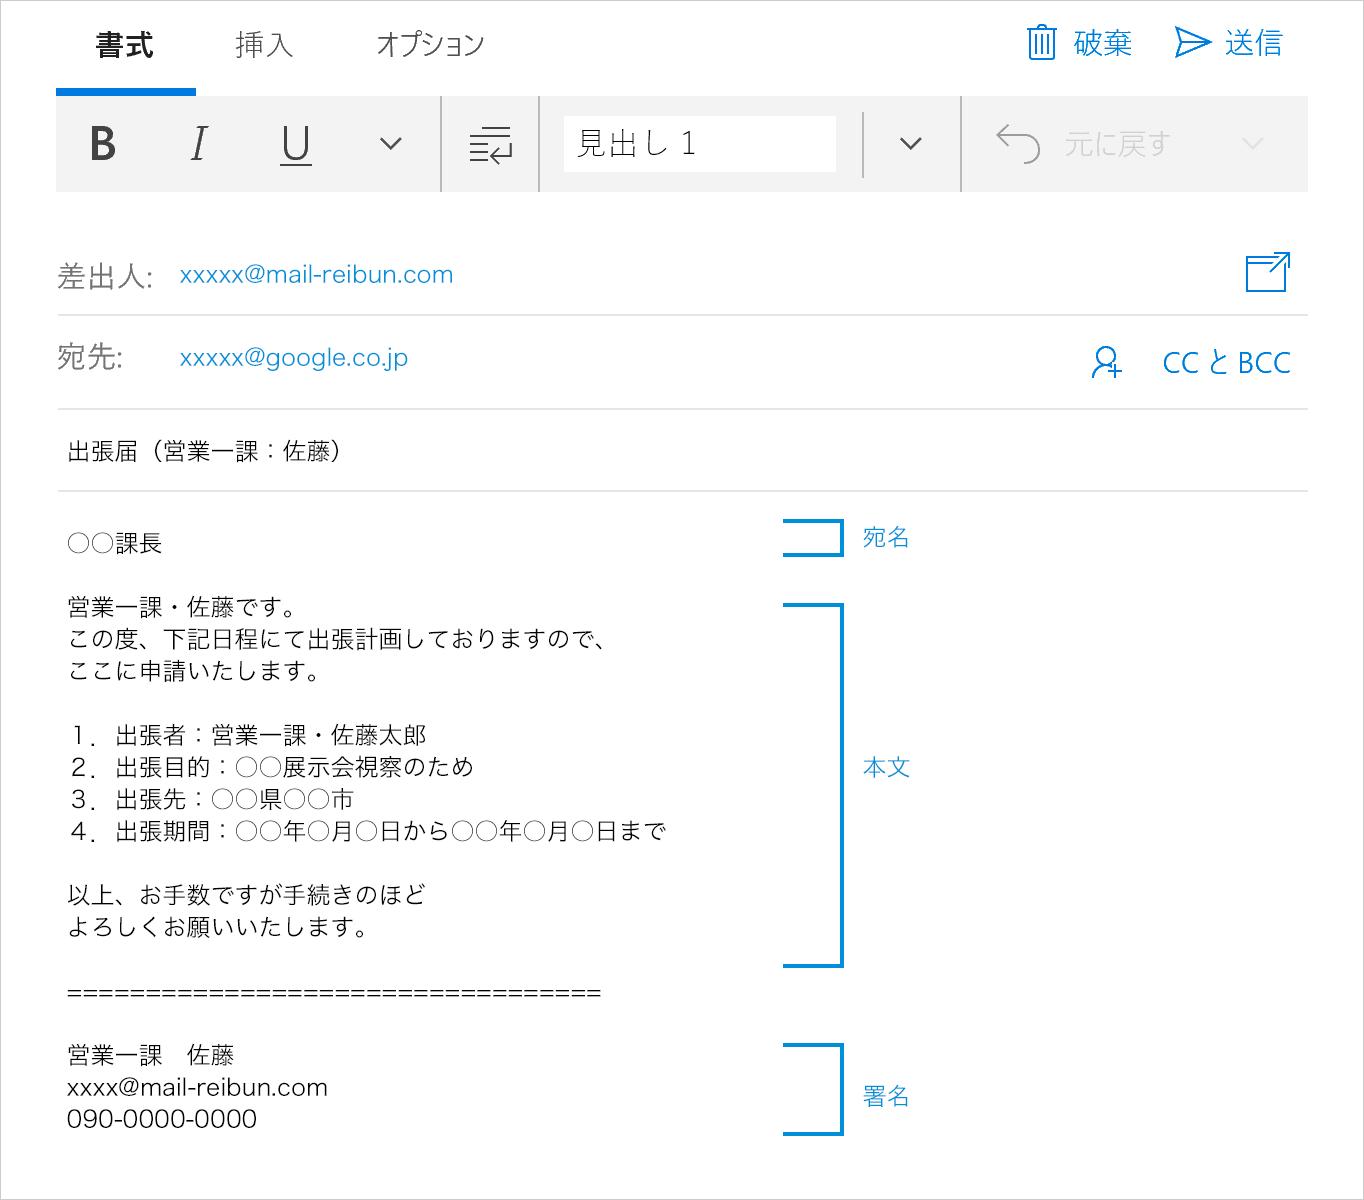 メールの基本構成